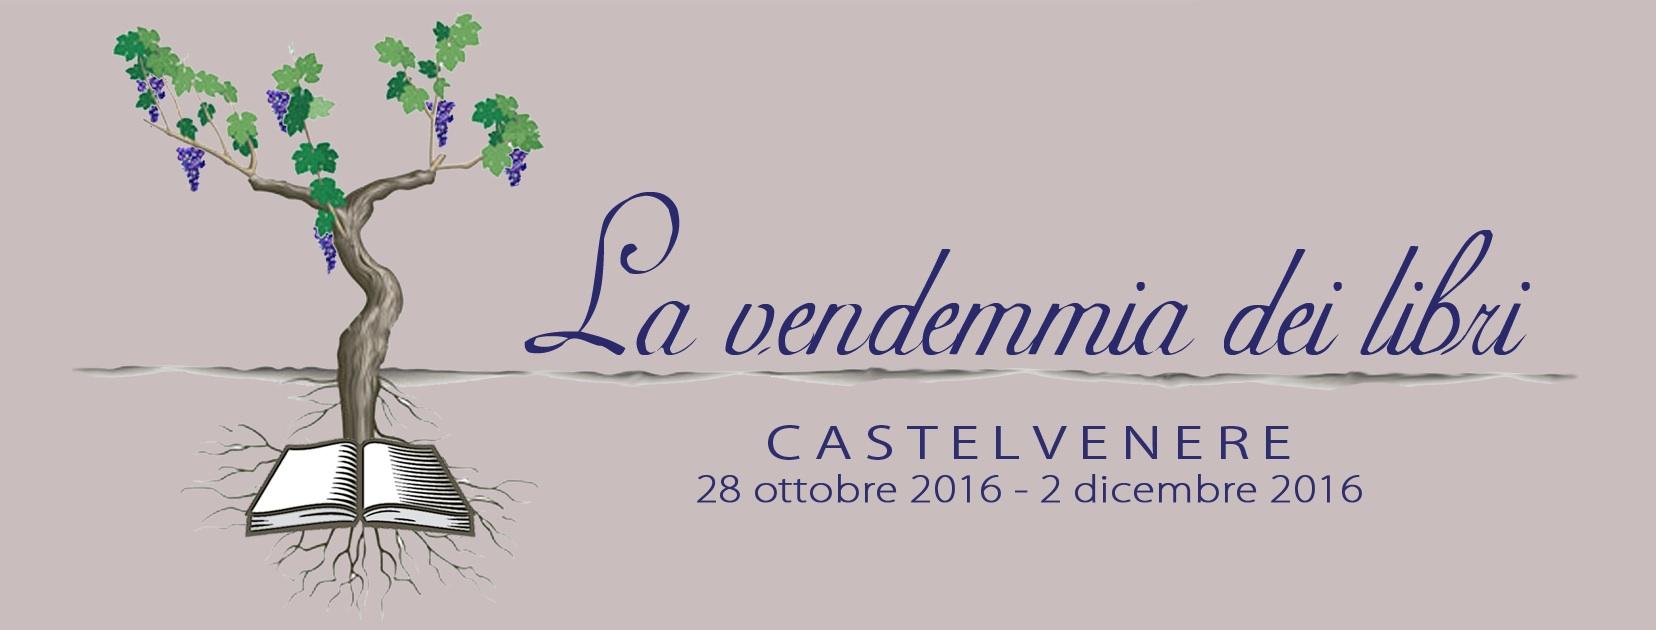 'La vendemmia dei libri', al via la rassegna enoletteraria di Castelvenere